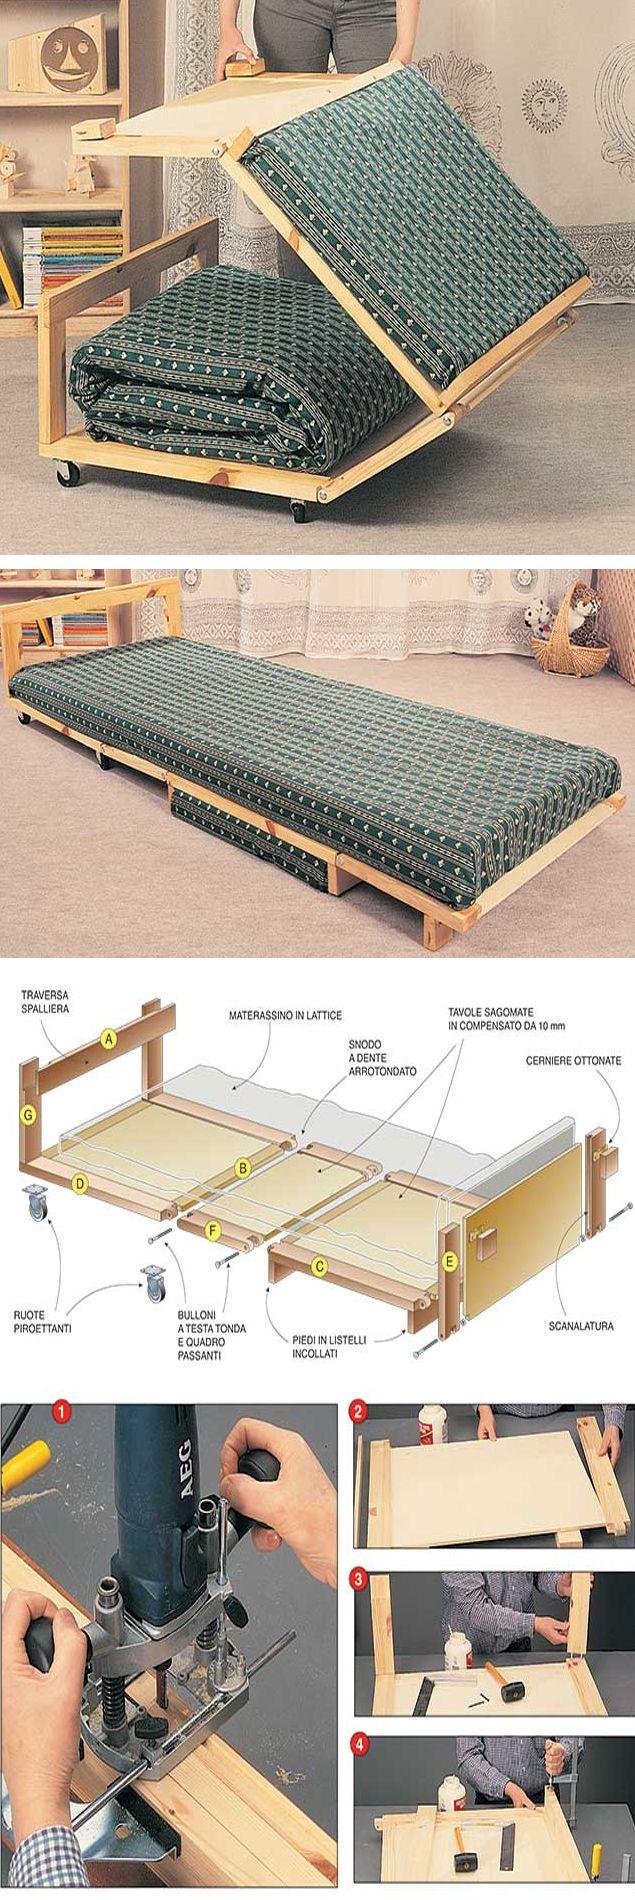 Un letto pouf #faidate, #salvaspazio e pratico   #diy bed #palletbedroomfurniture